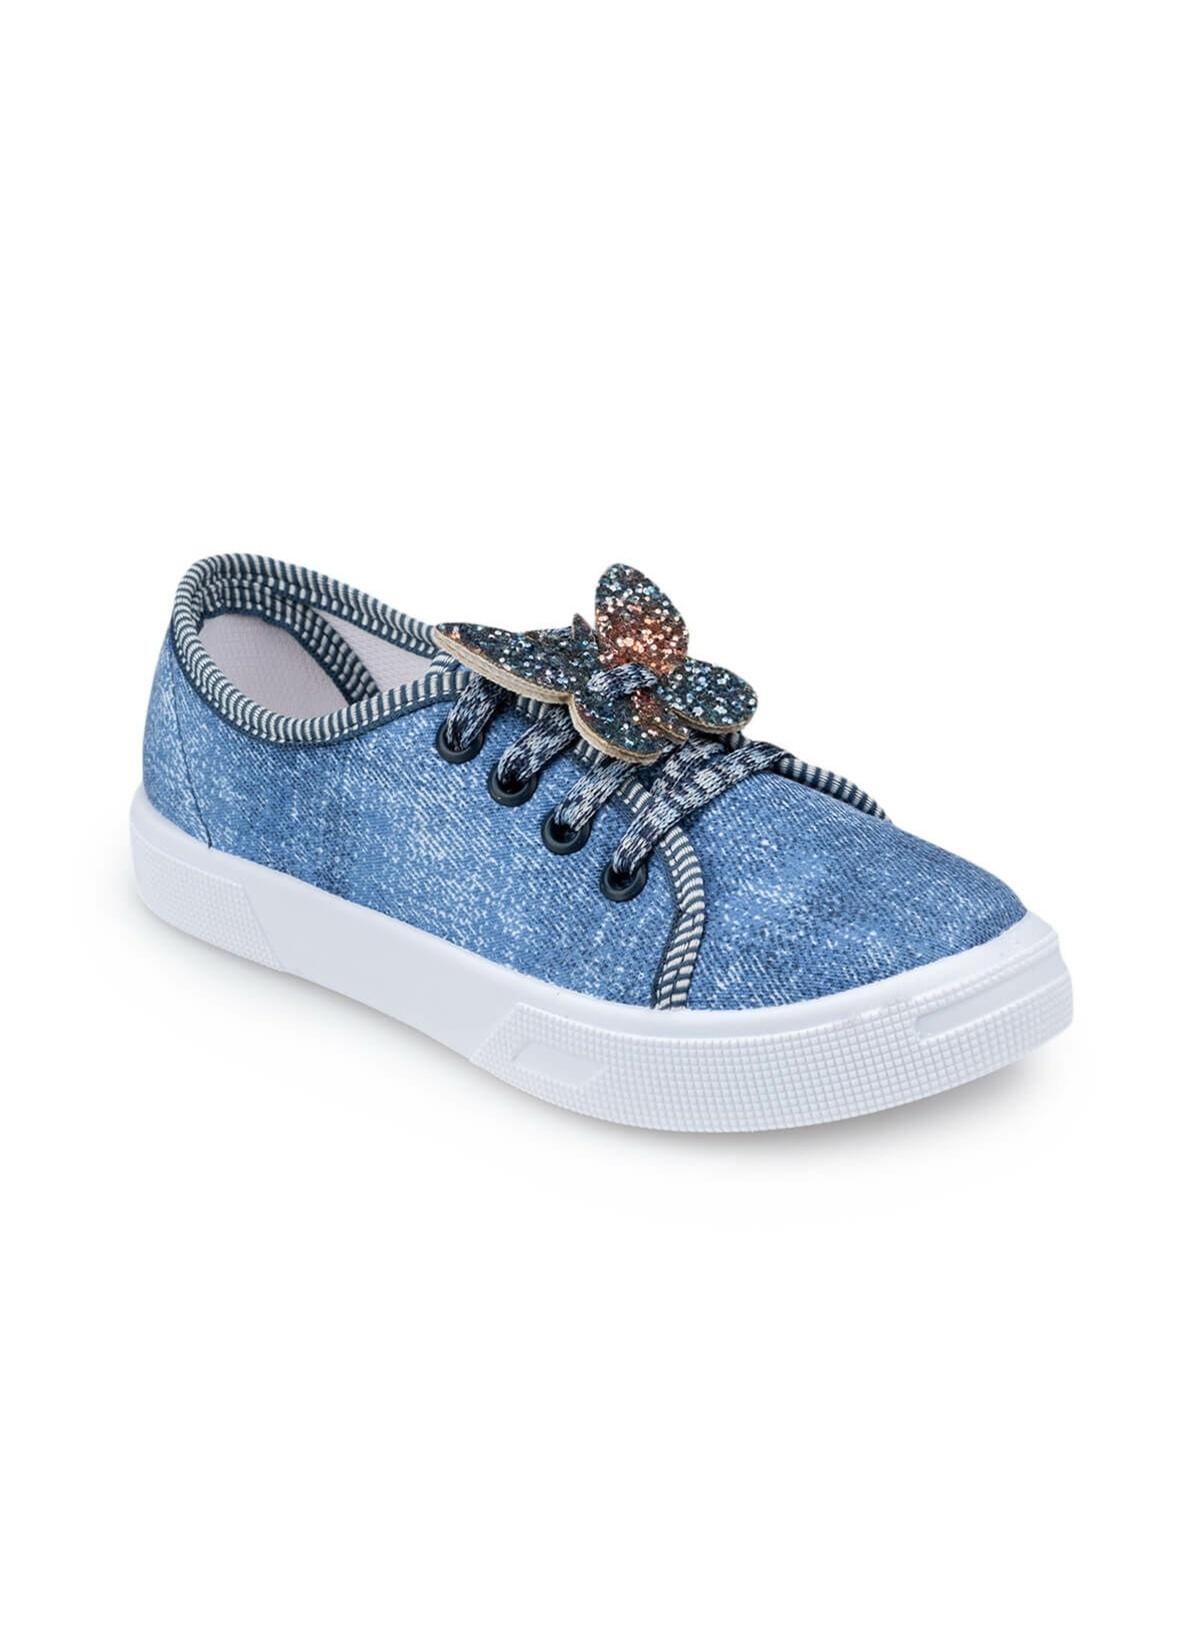 Polaris Ayakkabı 91.511290.f Ayakkabı – 39.99 TL